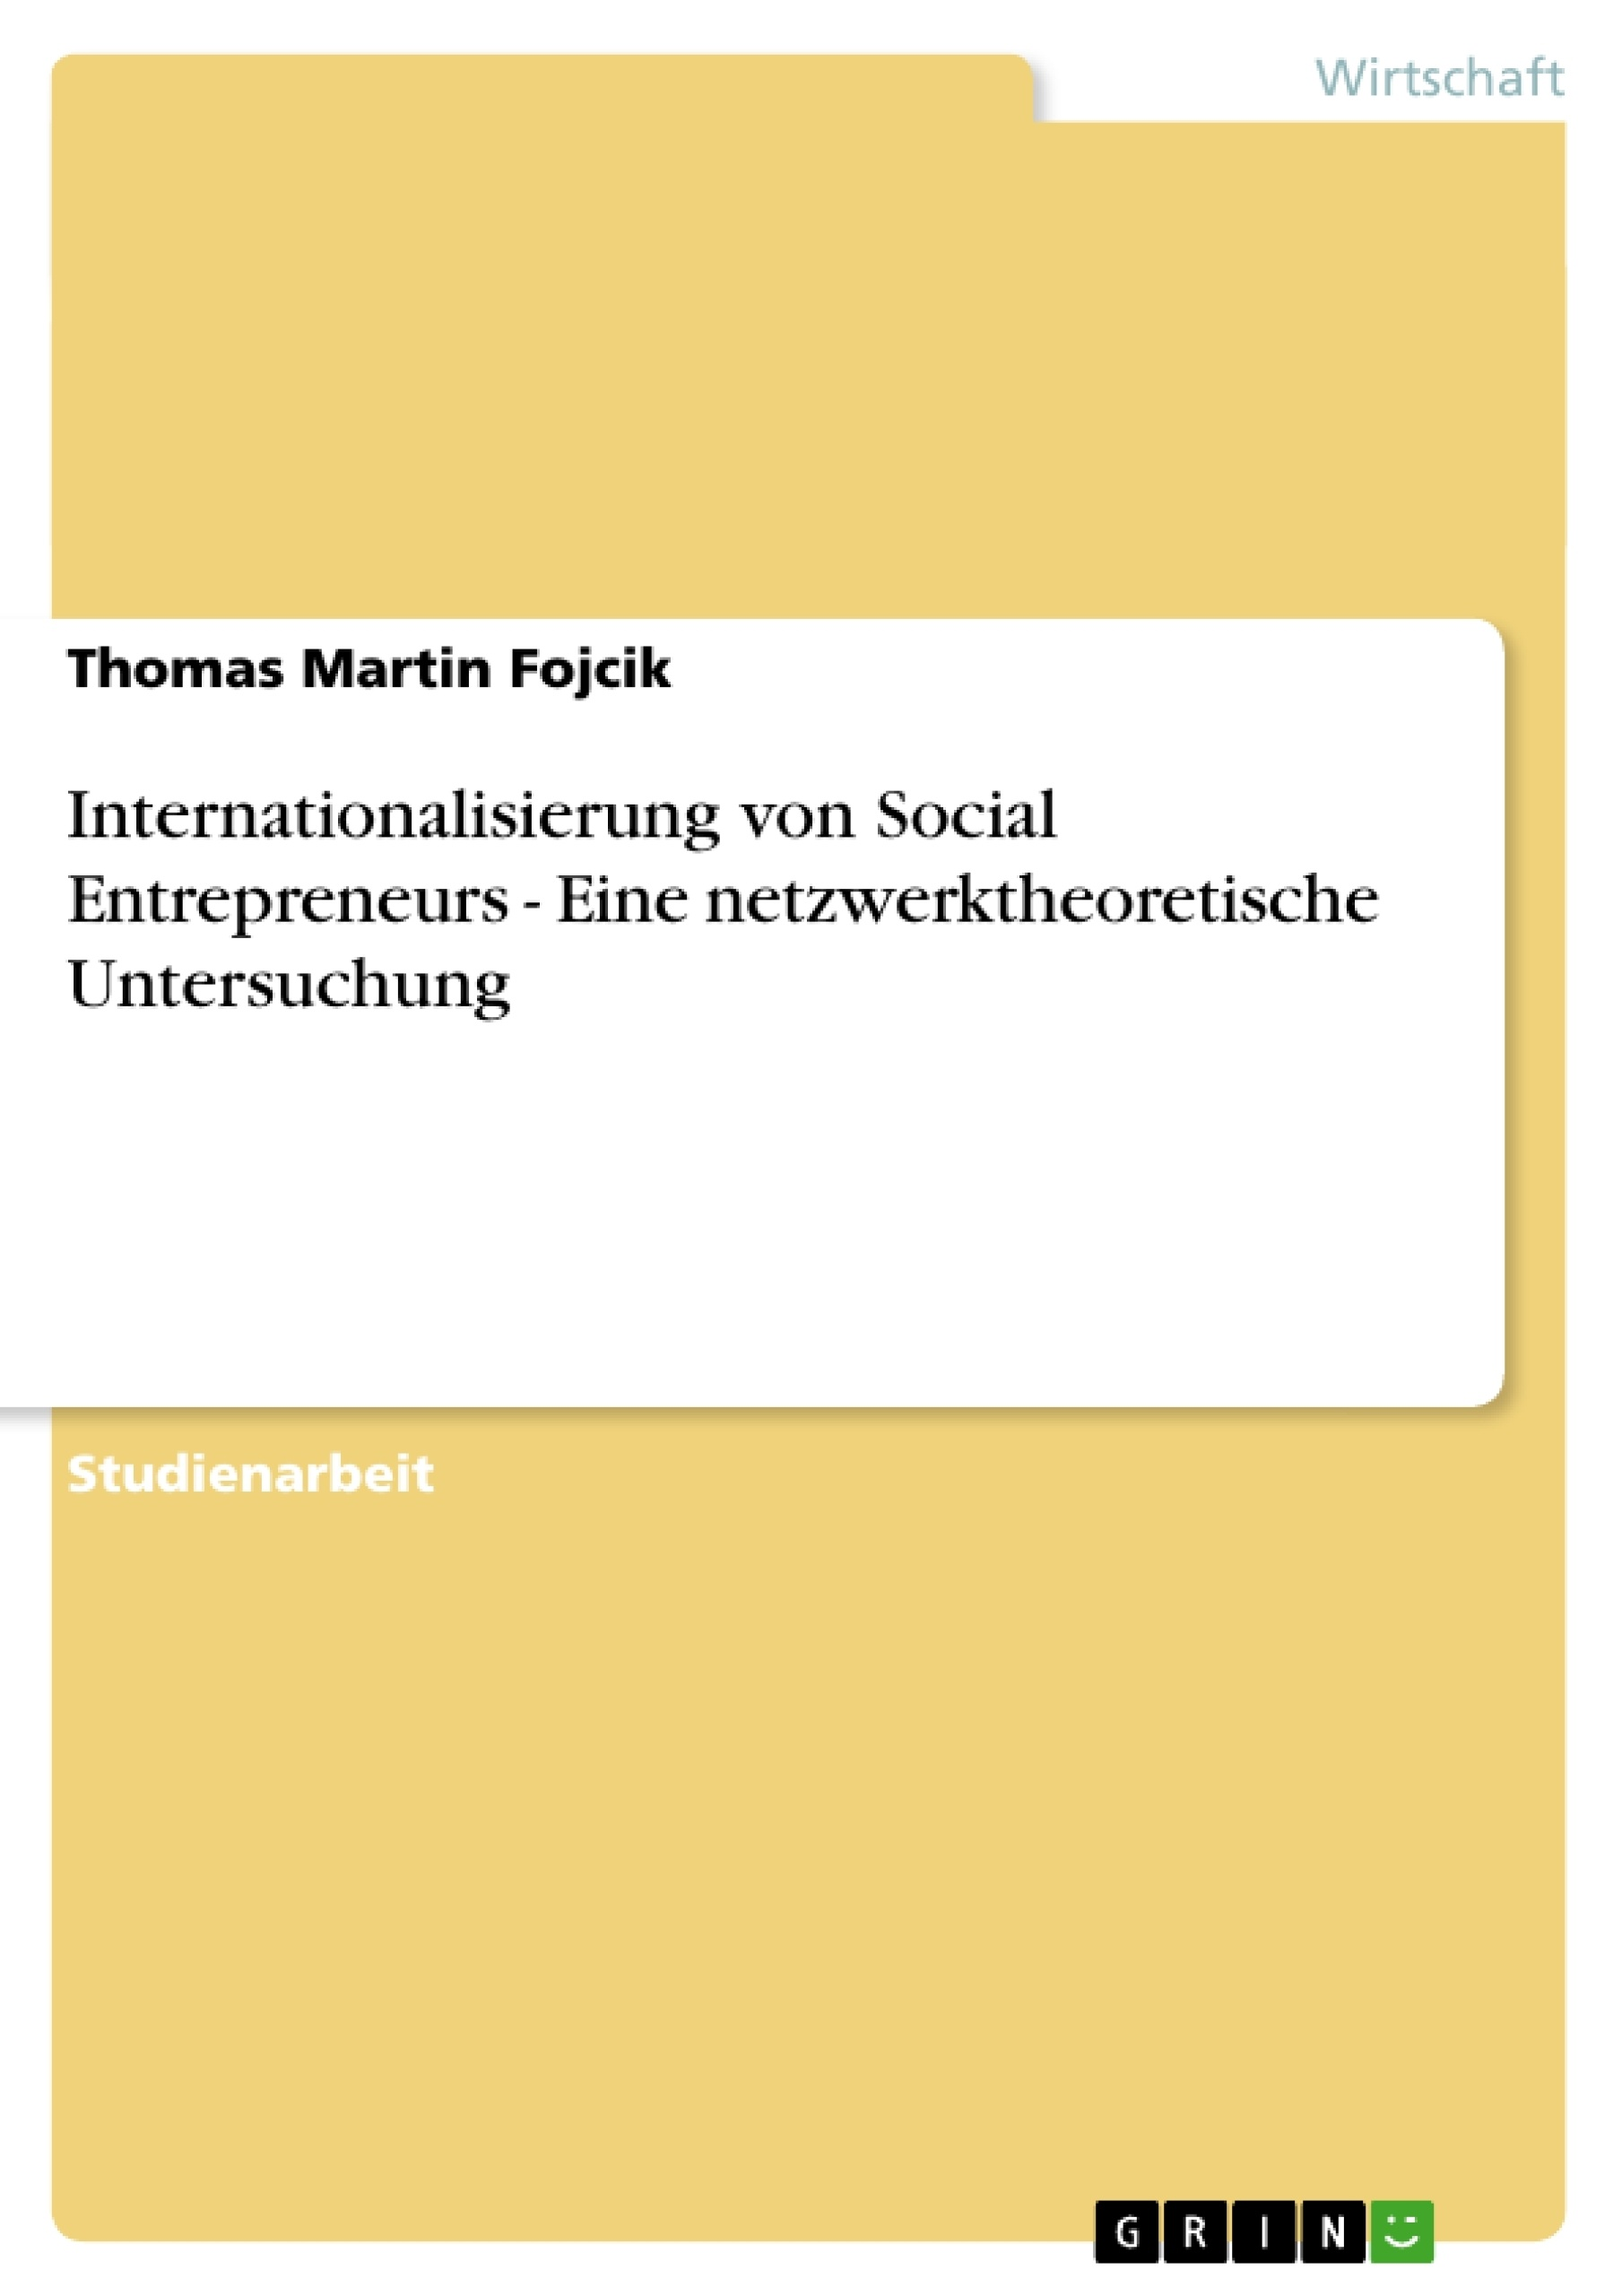 Titel: Internationalisierung von Social Entrepreneurs - Eine netzwerktheoretische Untersuchung